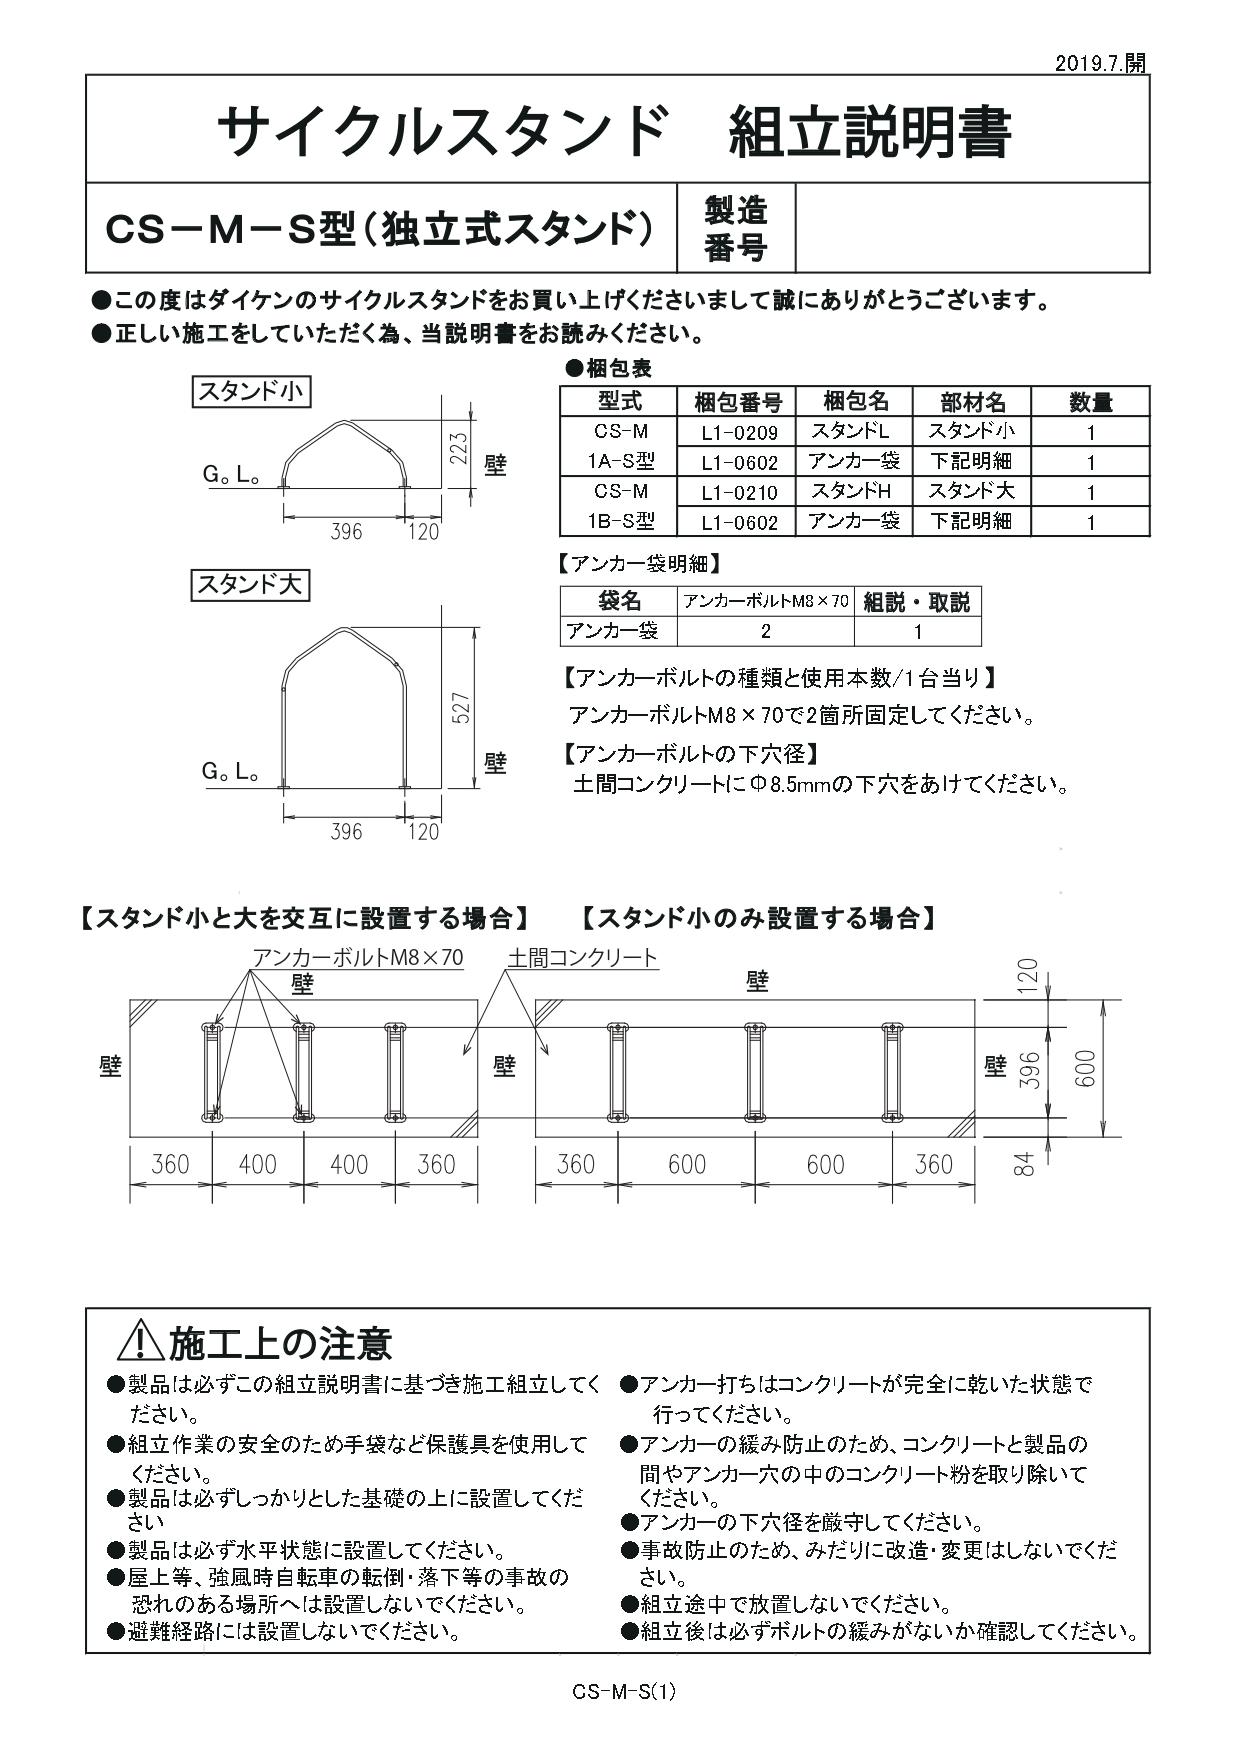 独立スタンドCS-M 取り扱い説明書_page-0001